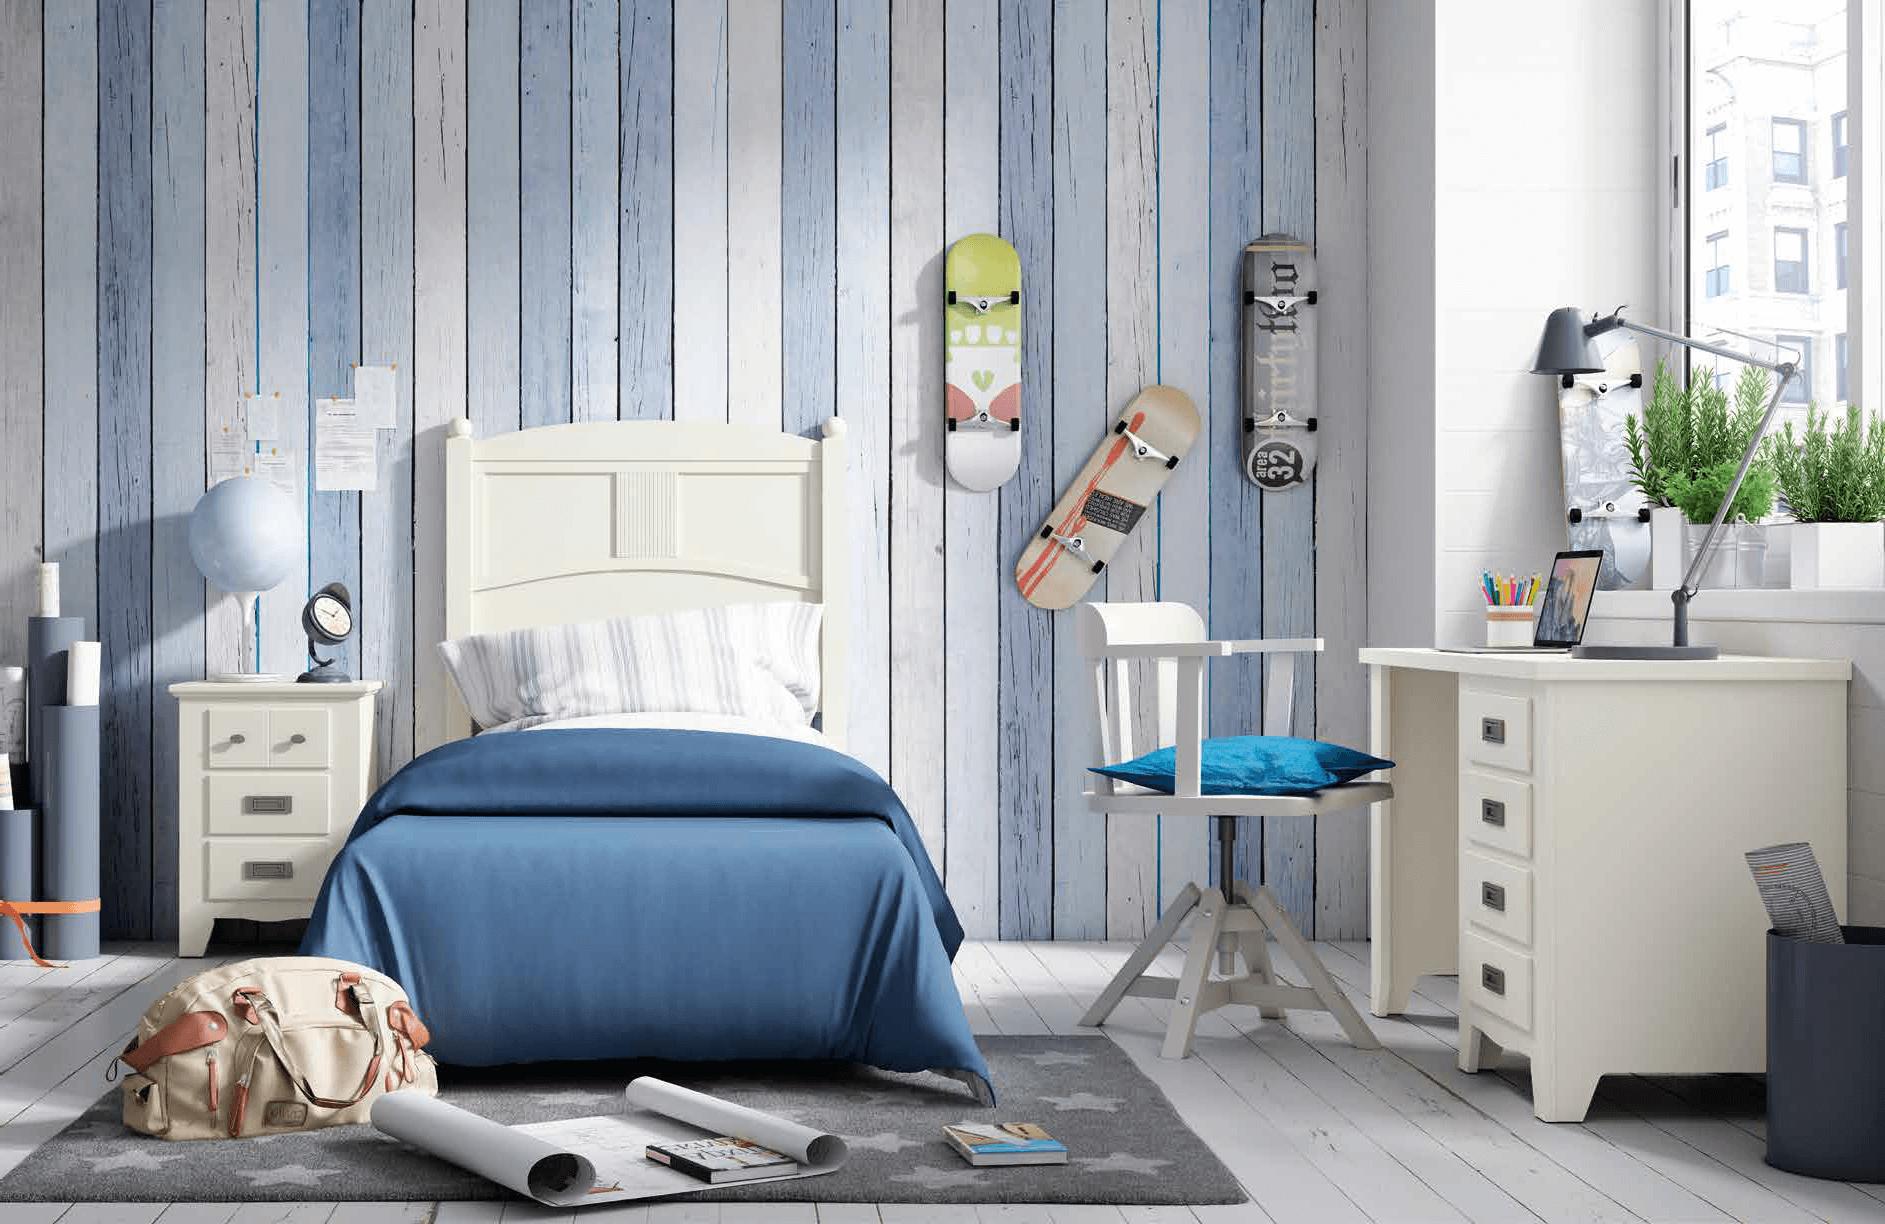 Dormitorio juvenil color blanco muebles sipo - Dormitorios color blanco ...